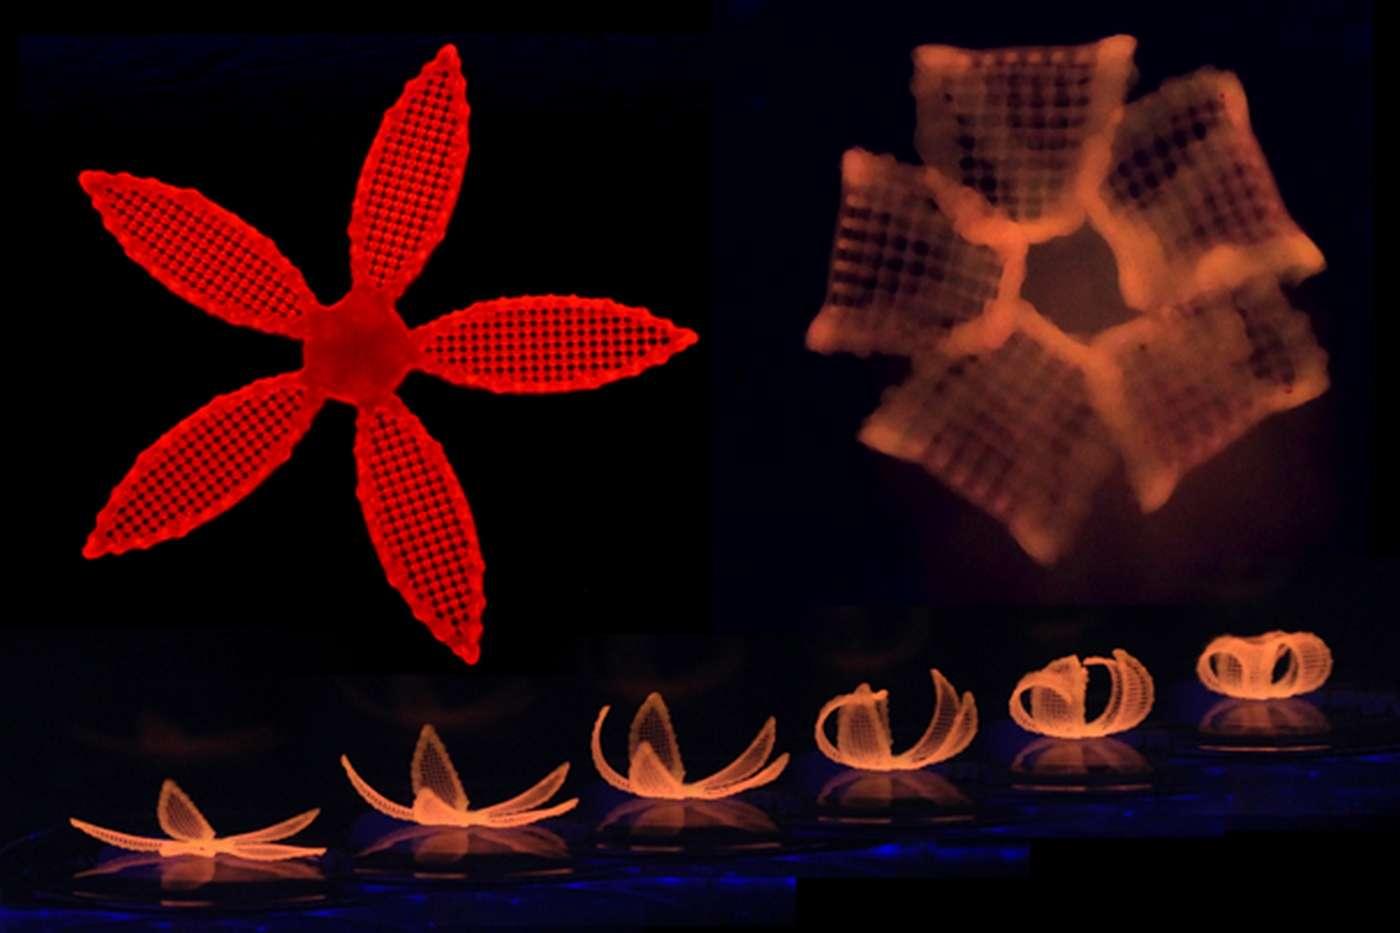 Ces fleurs ont été fabriquées à partir d'un procédé d'impression dit « 4D » qui utilise un hydrogel à base de fibrilles de cellulose. Une fois plongées dans l'eau, ces structures changent de forme. © Wyss Institute at Harvard University